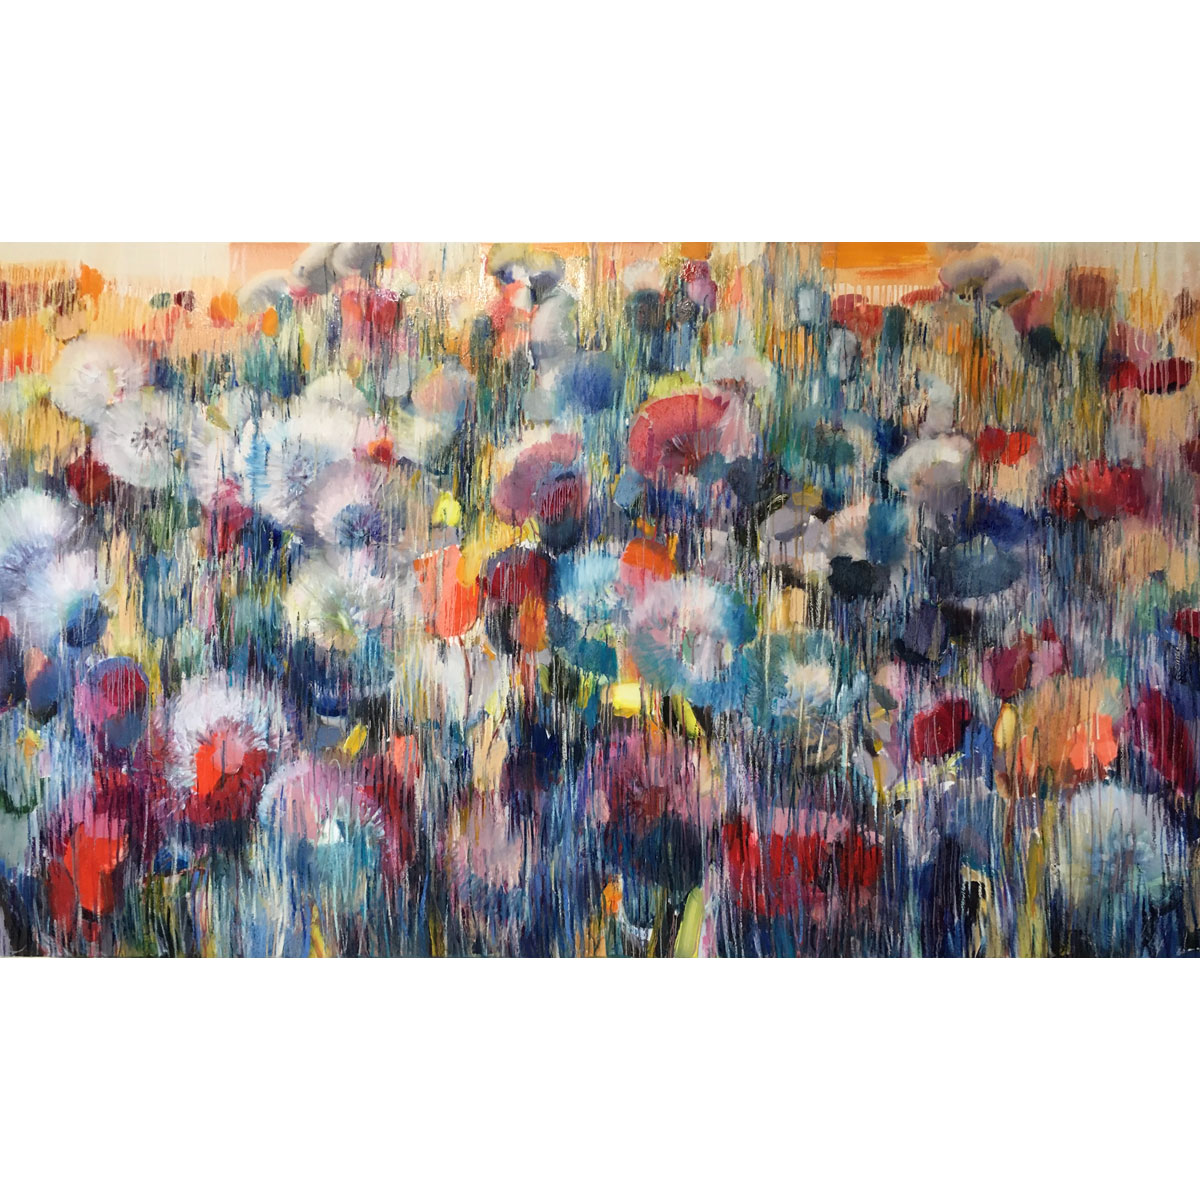 Colors Transformation by Maria Zielinska